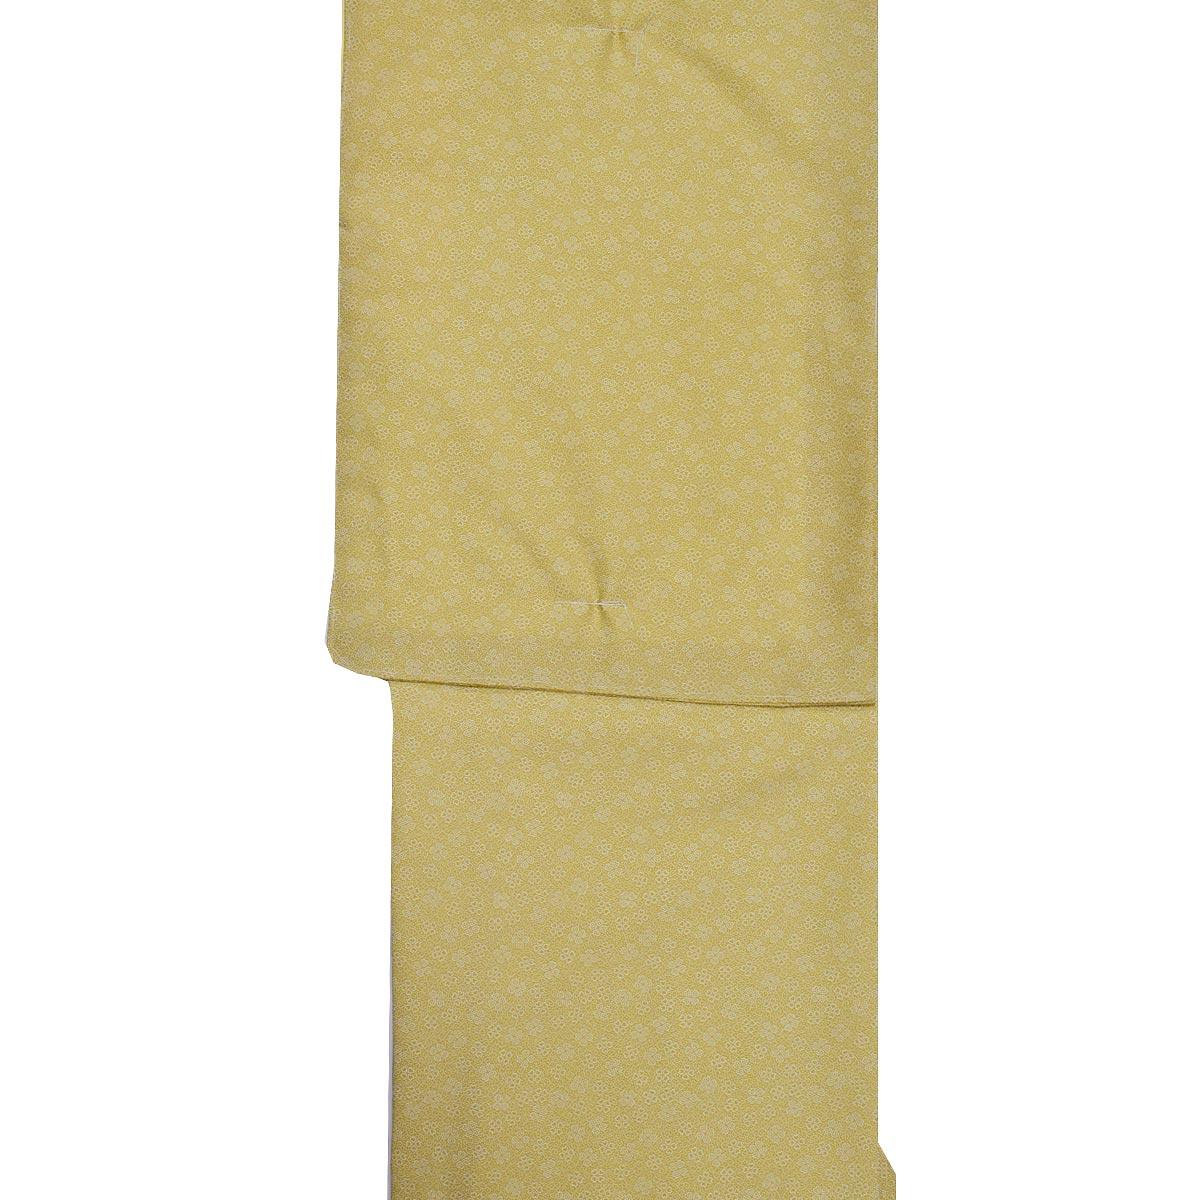 【クローバー】洗える 袷 江戸小紋 単品【M寸】洗える着物 普段着 小紋 黄色番号c1105-6i